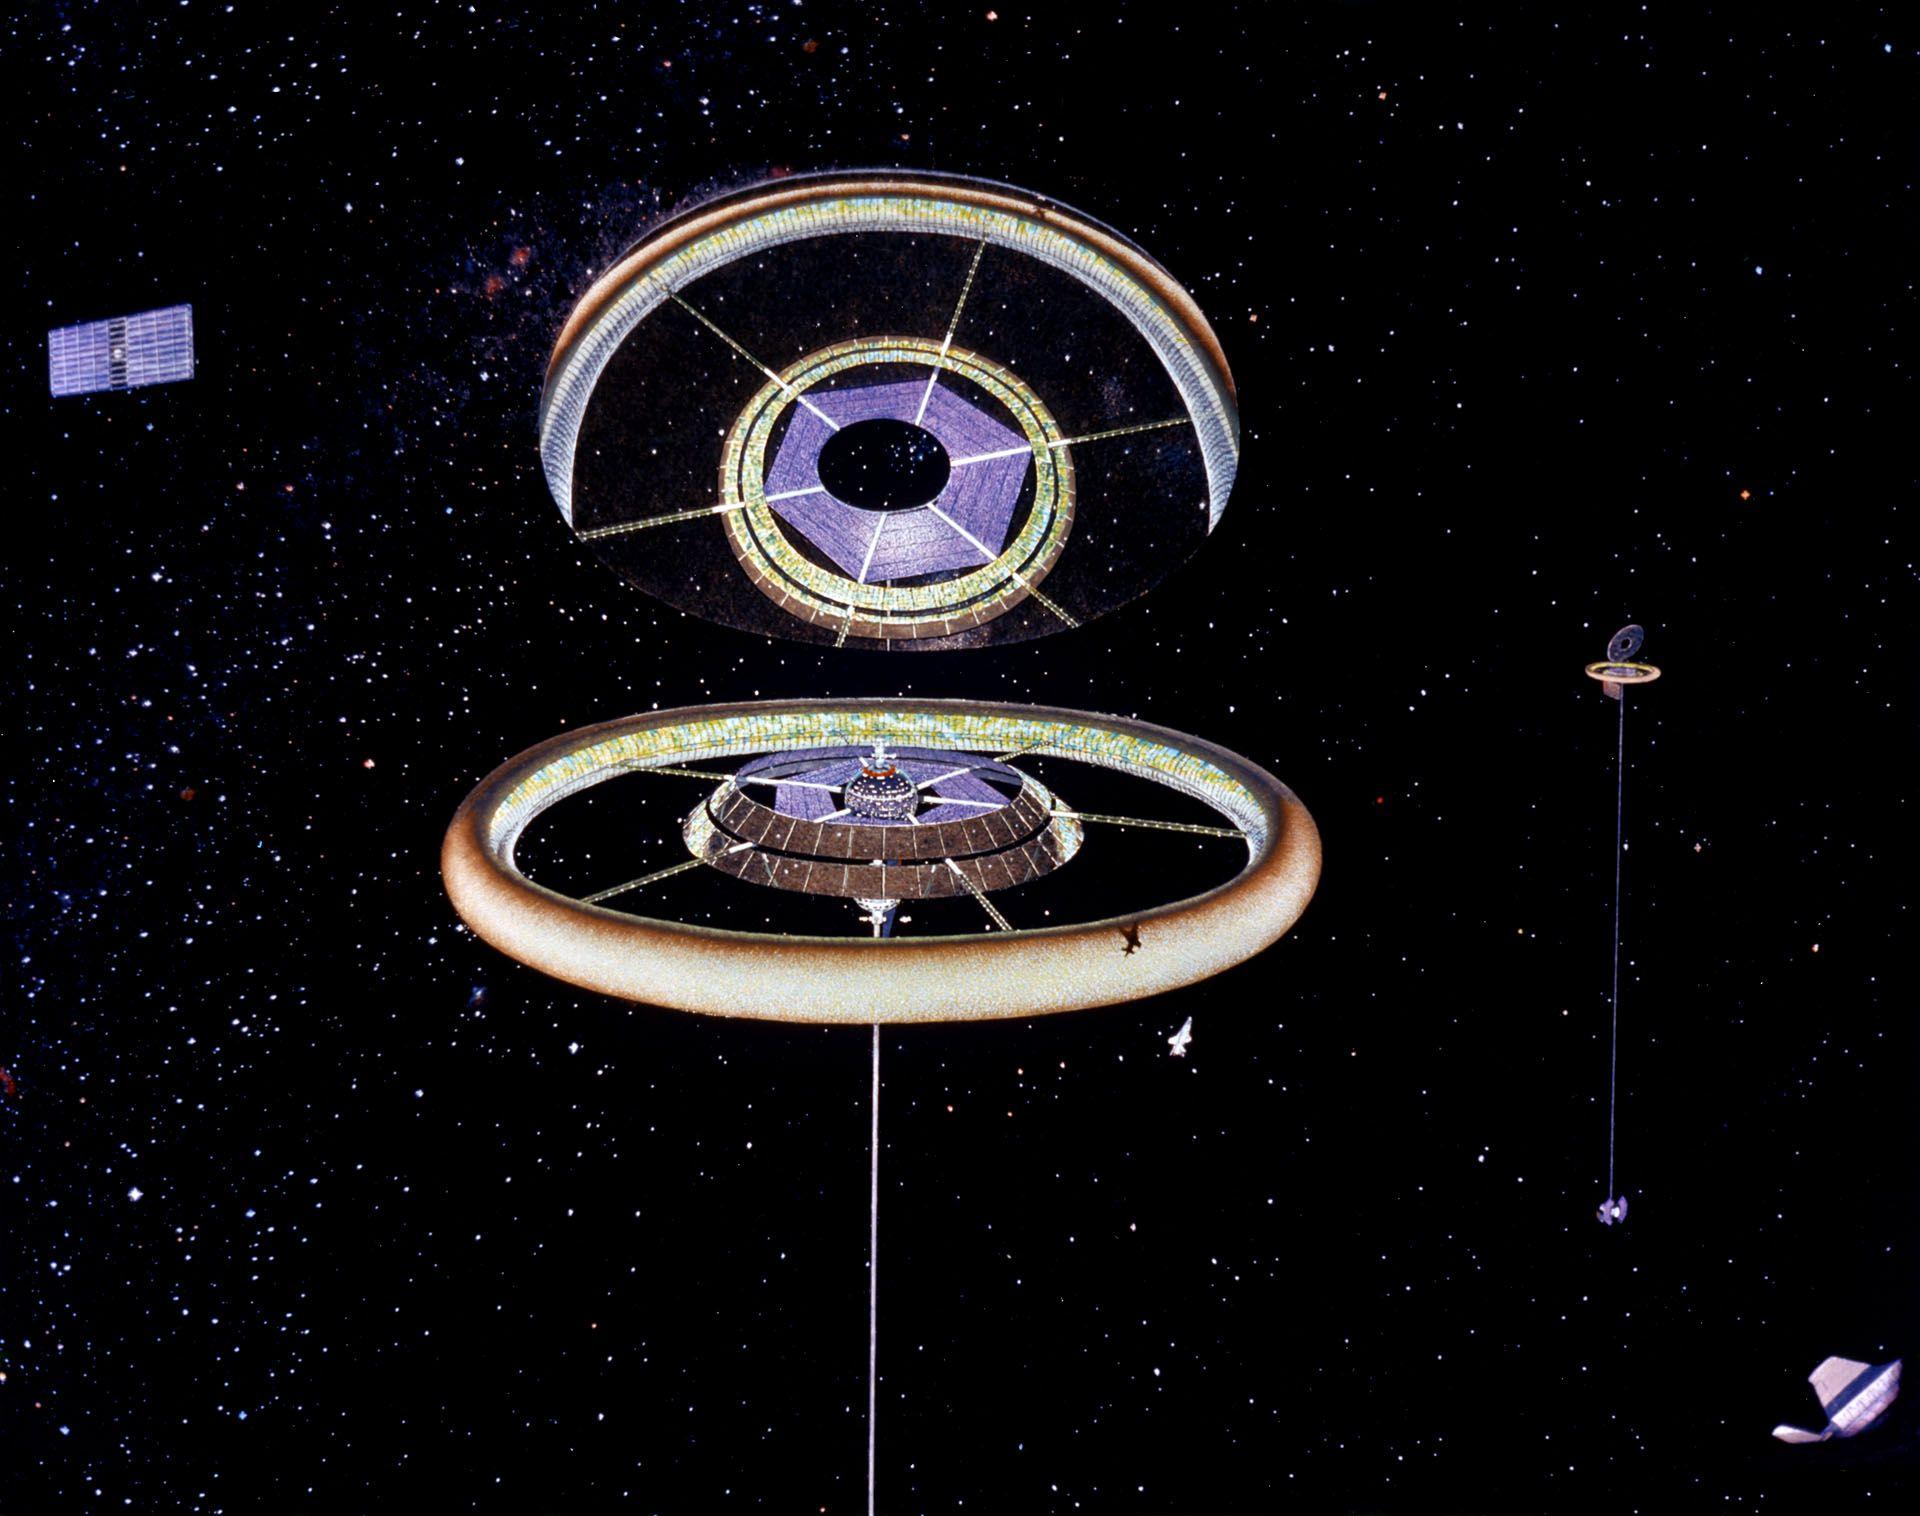 colonie-roue-miroir.jpg (Image JPEG, 1920×1516 pixels)